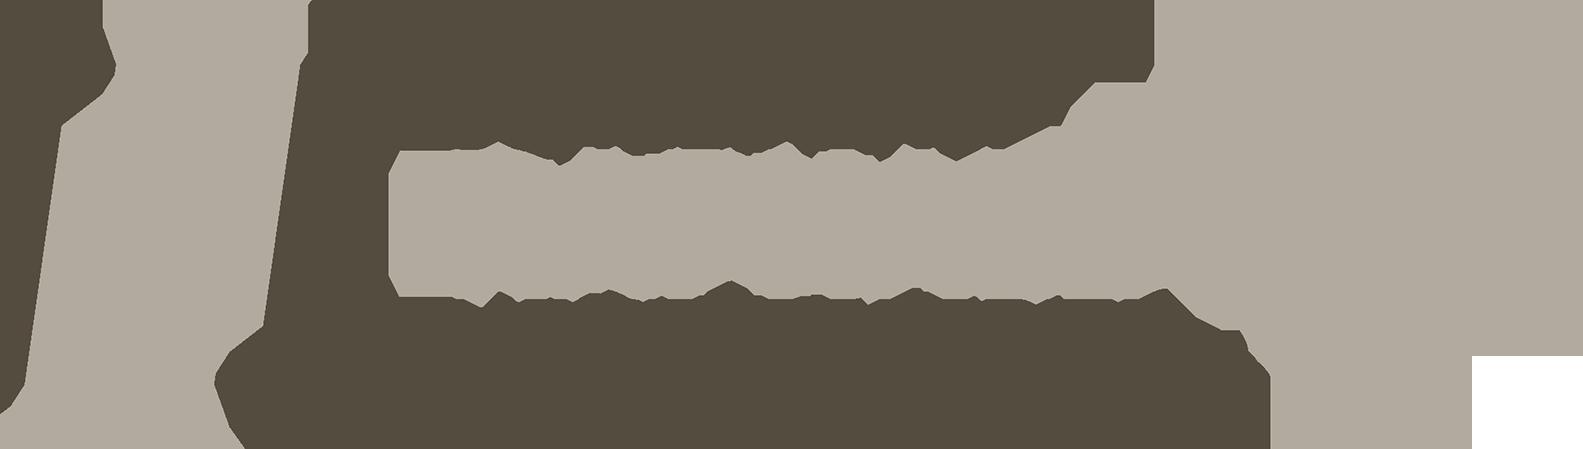 https://schreinerei-haas.de/wp-content/uploads/2020/06/logoslider.png